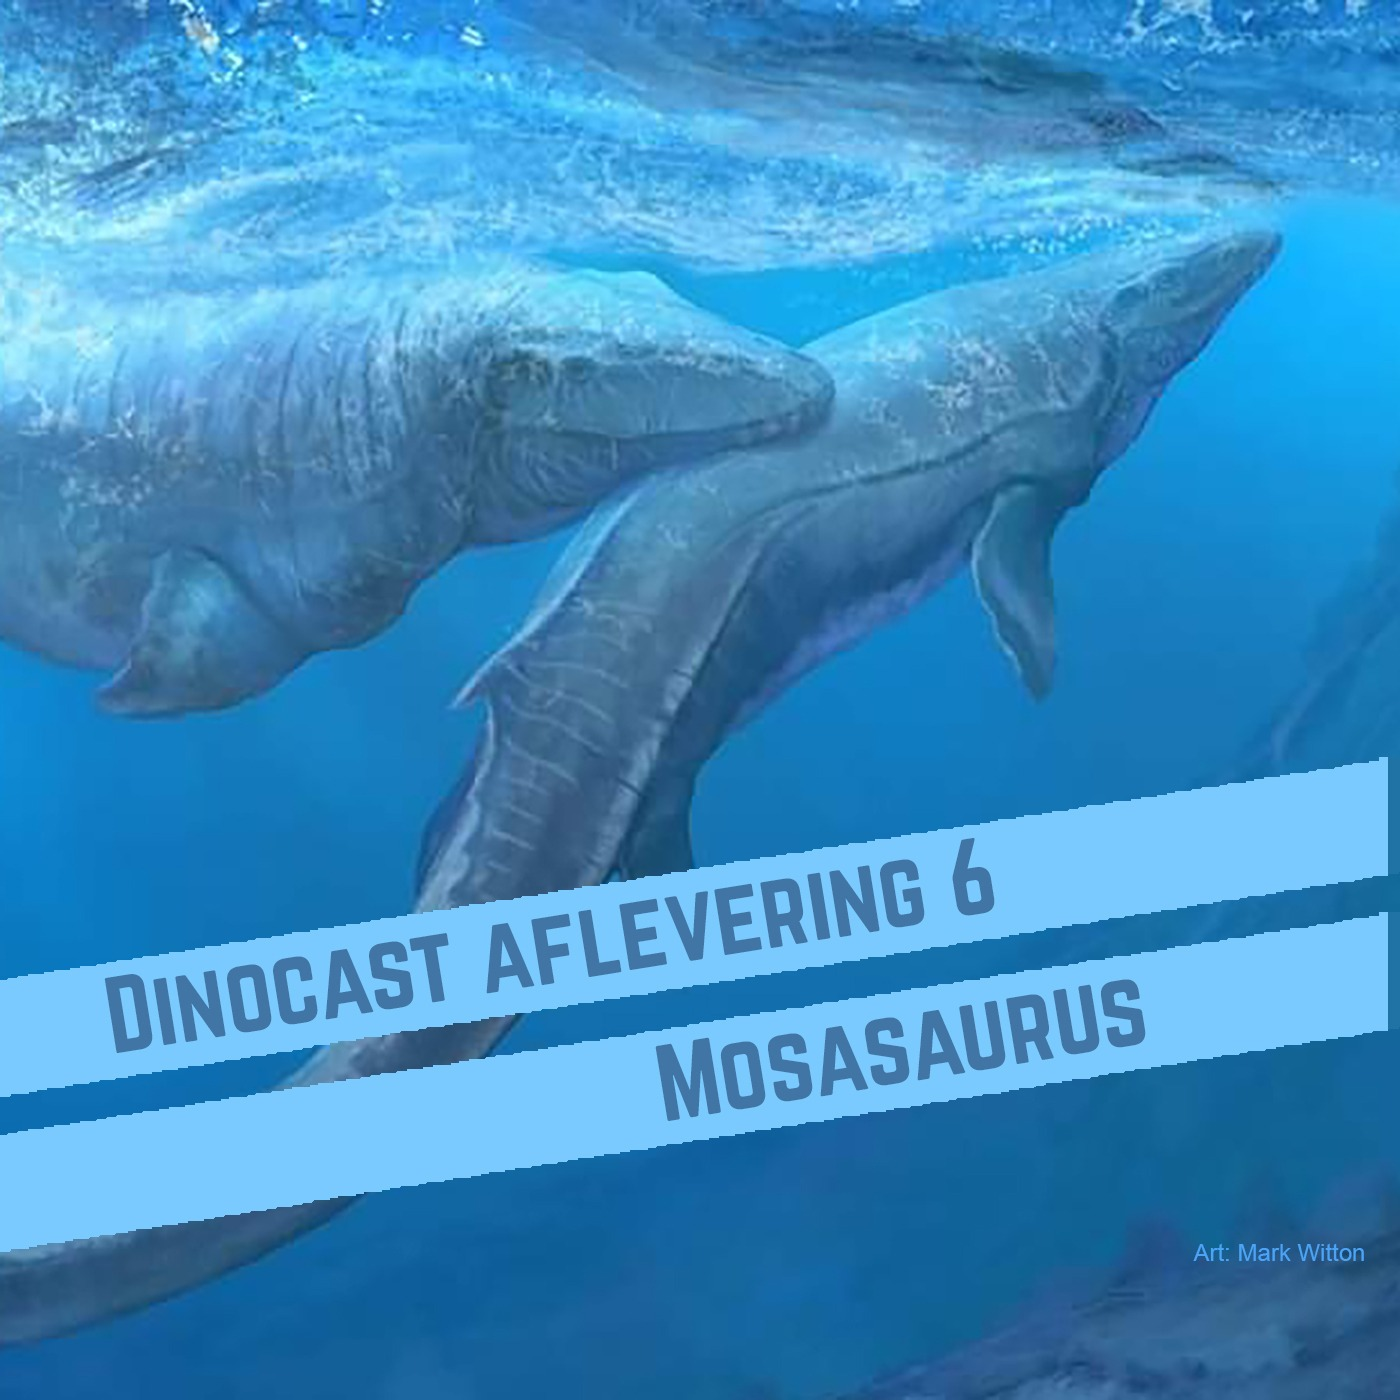 6. Mosasaurus: 'héél erg onaangenaam, dit dier'